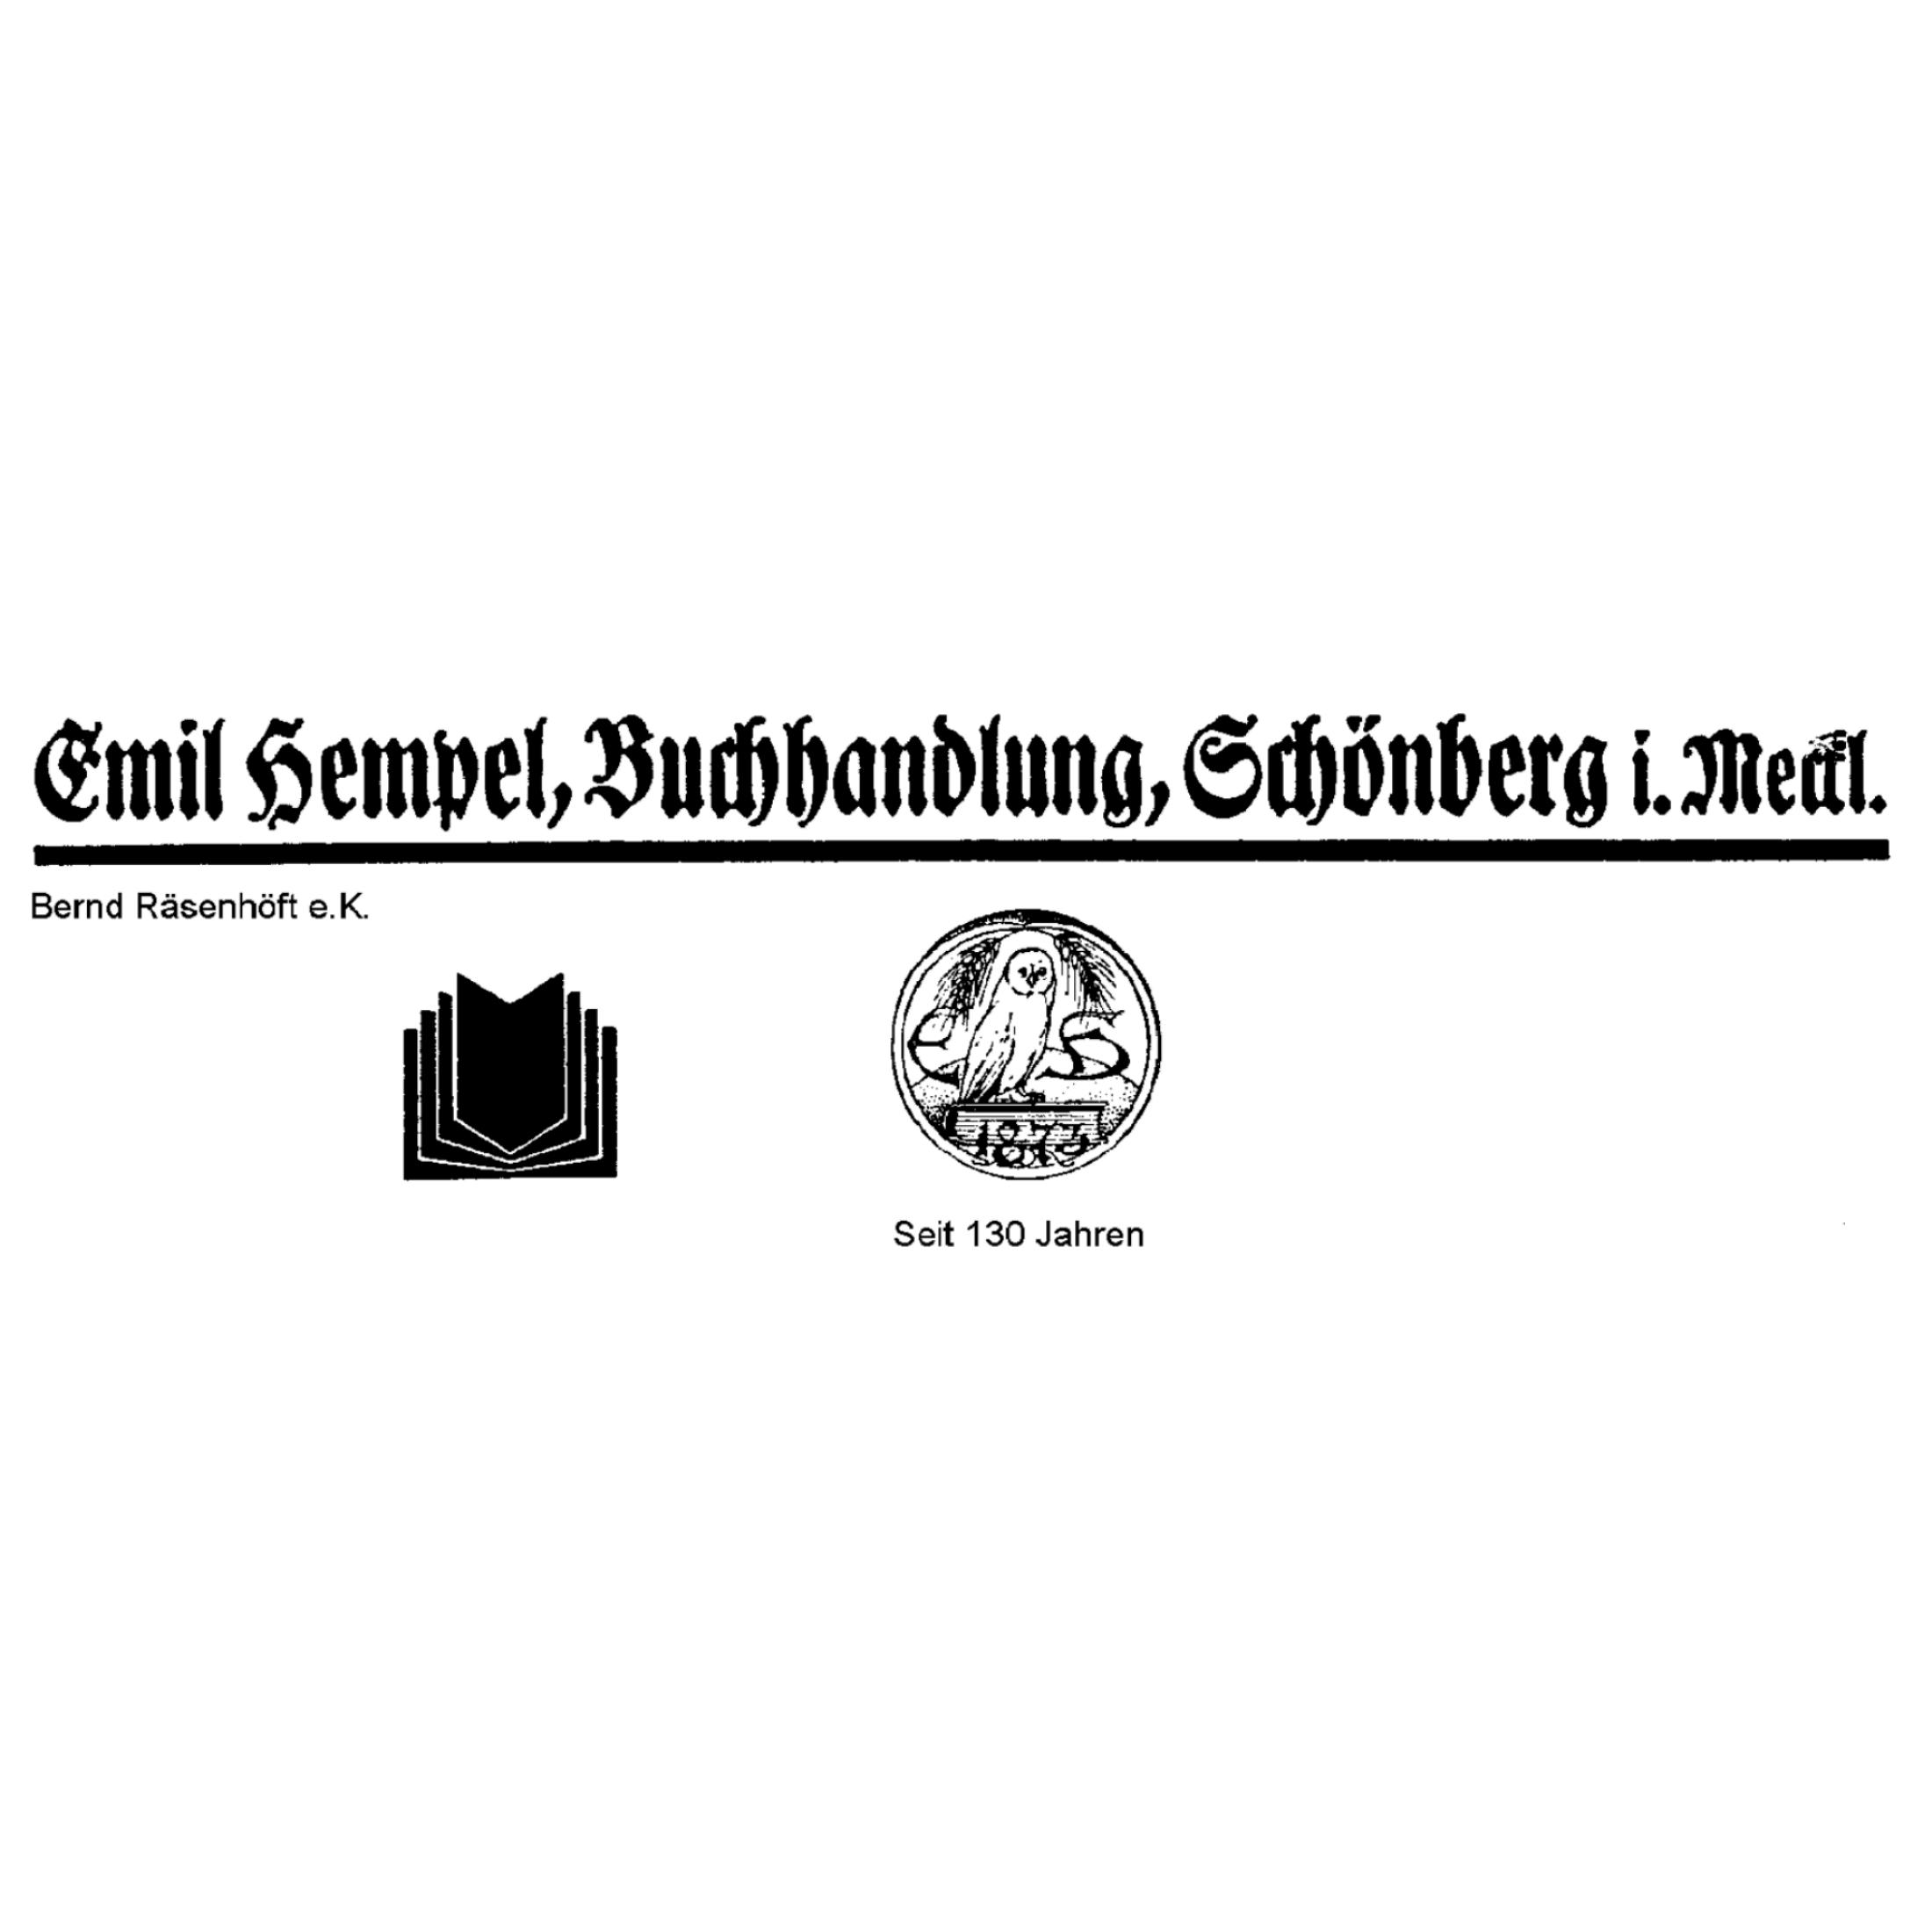 buchhandlung ratzeburg stadtbranchenbuch. Black Bedroom Furniture Sets. Home Design Ideas